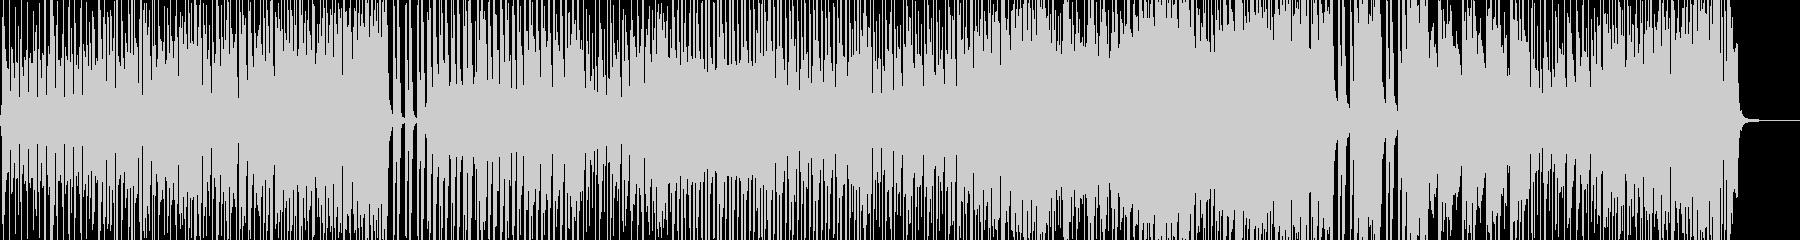 七変化アニメーションダンス調ポップ Bの未再生の波形